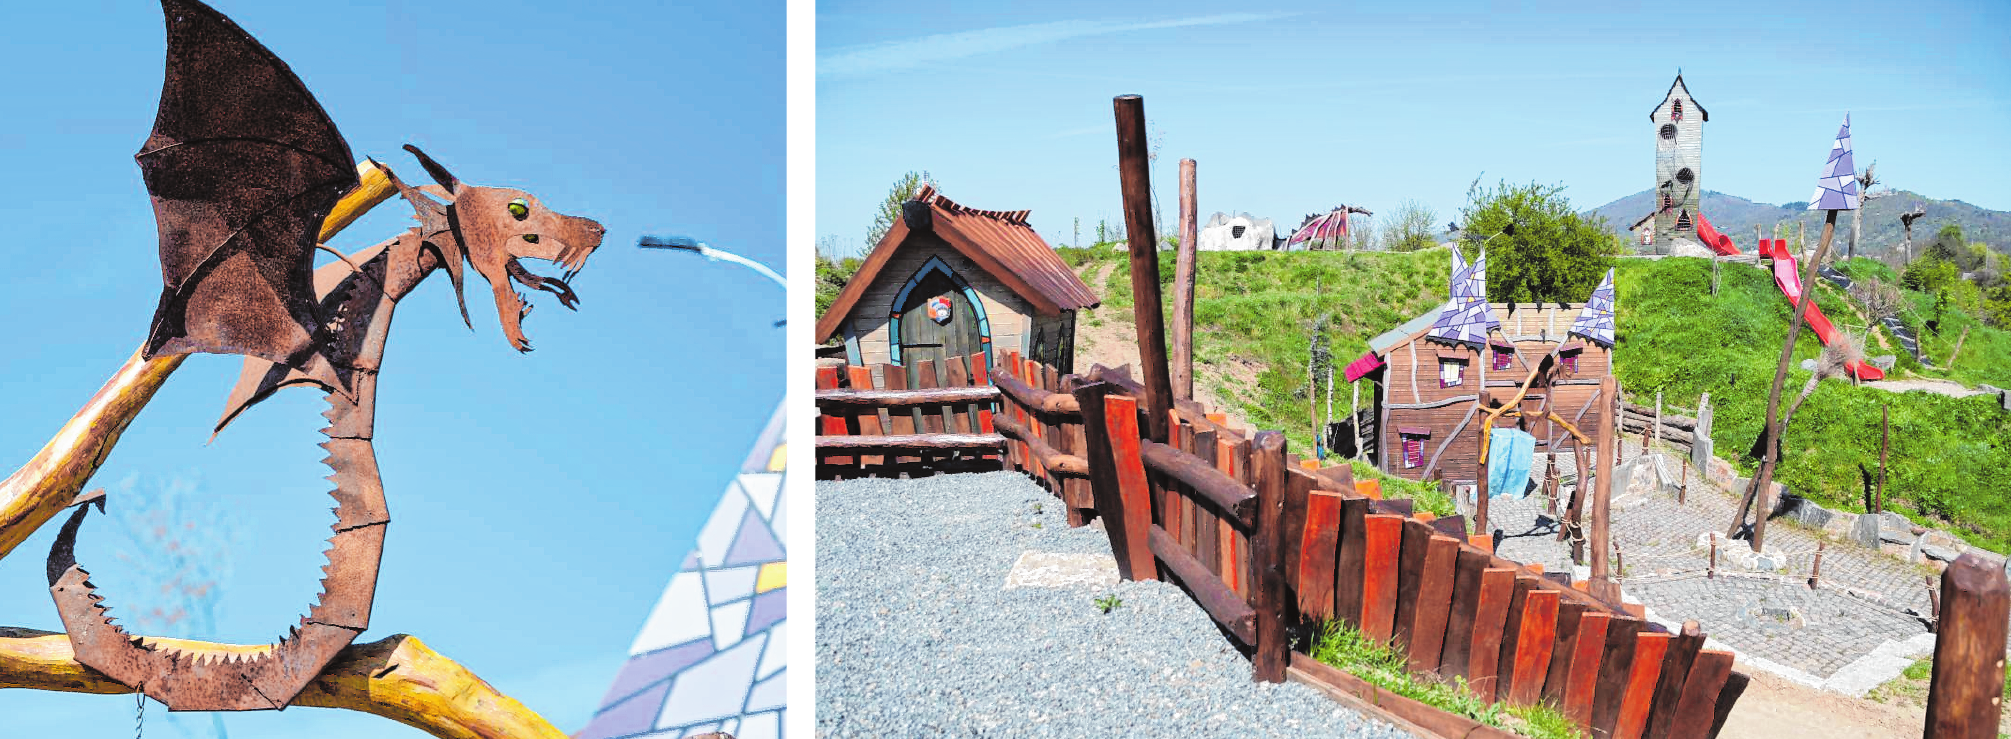 Die vielen hölzernen Häuser, Türme und Spielgeräte auf den Drachenbergen sind Unikate – und wurden mit viel Liebe zum Detail gefertigt. Bilder: Thomas Neu